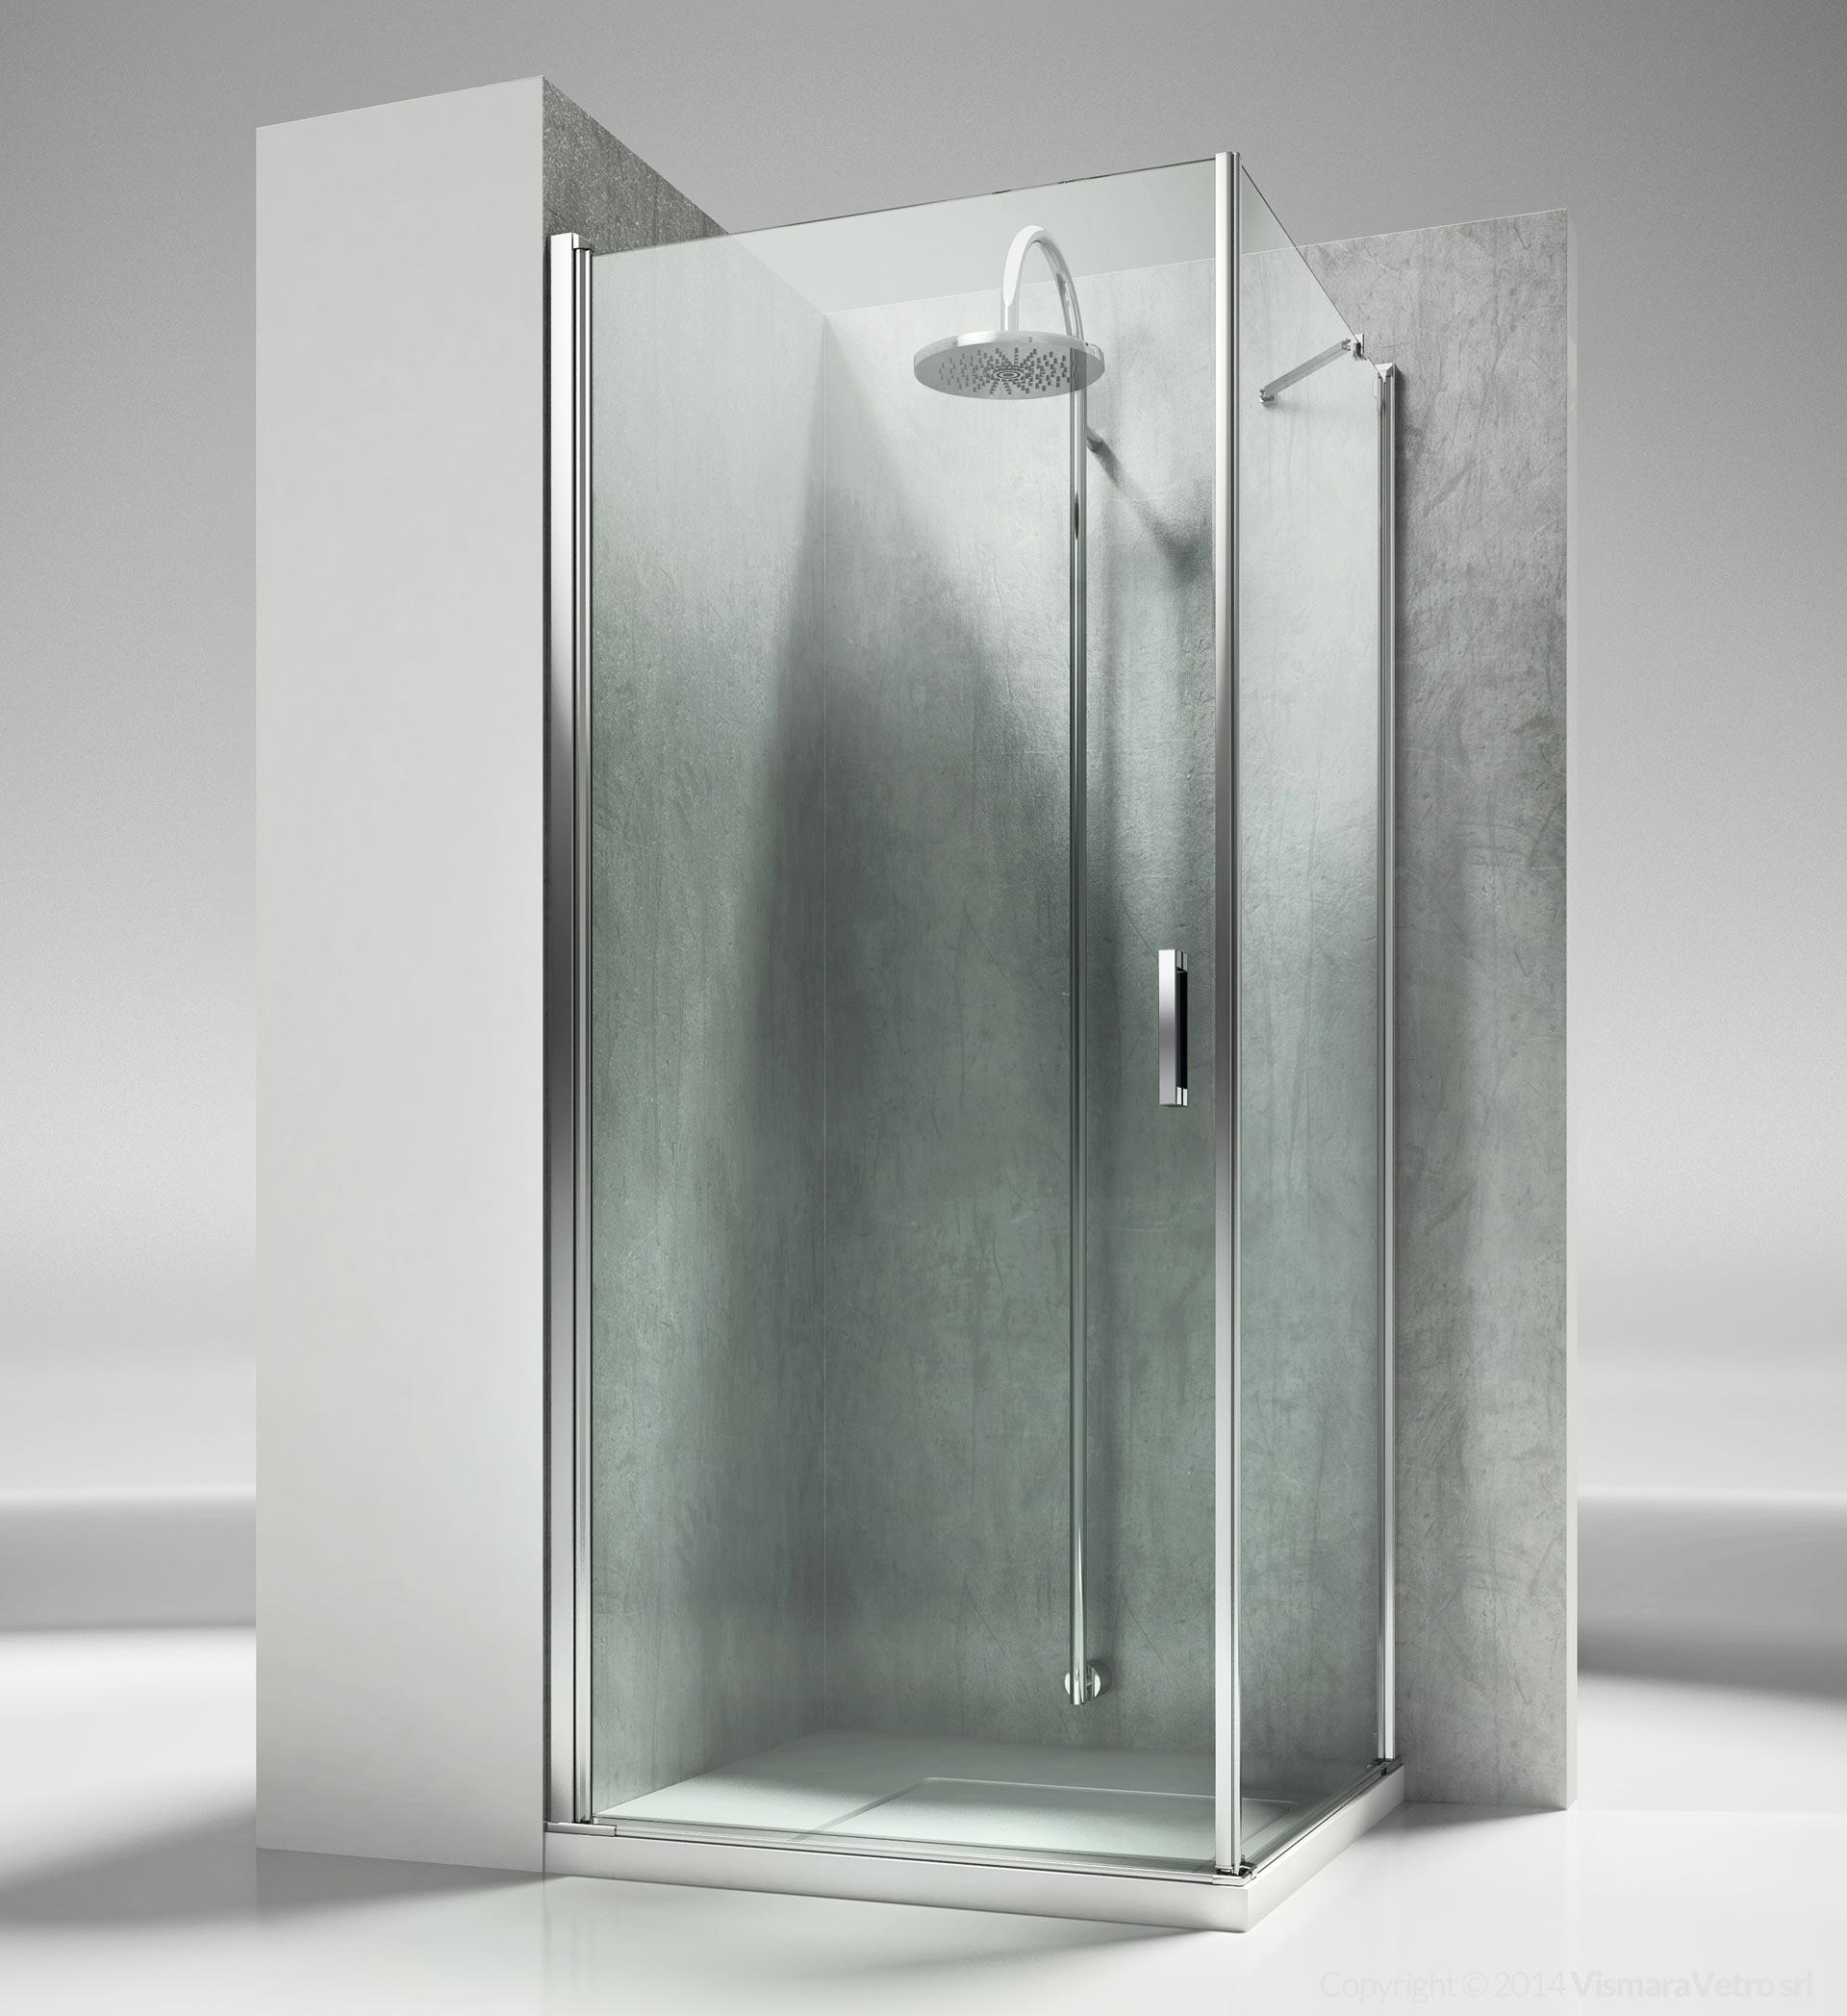 La lf linea modelli cabine doccia con apertura battente - Box doccia senza telaio ...